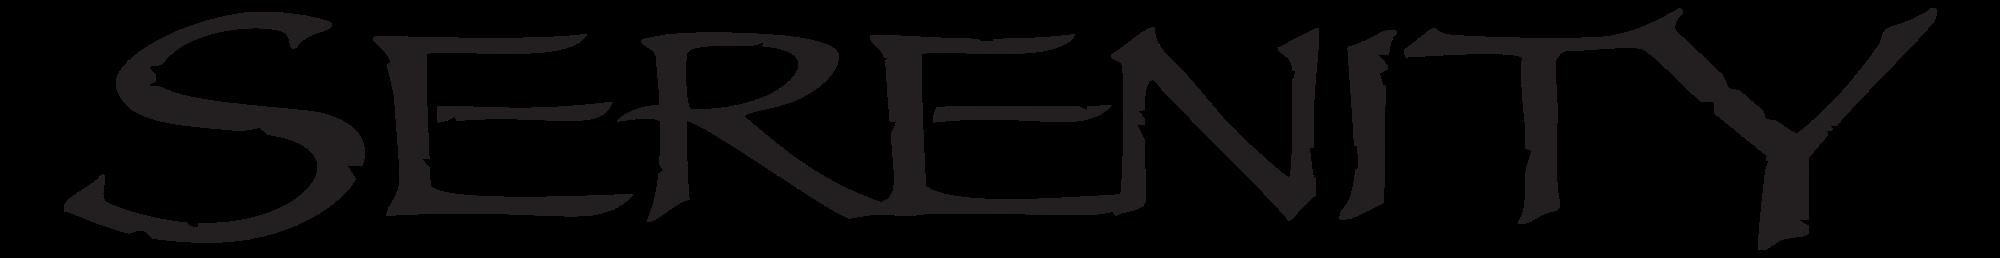 serenity logos rh logolynx com